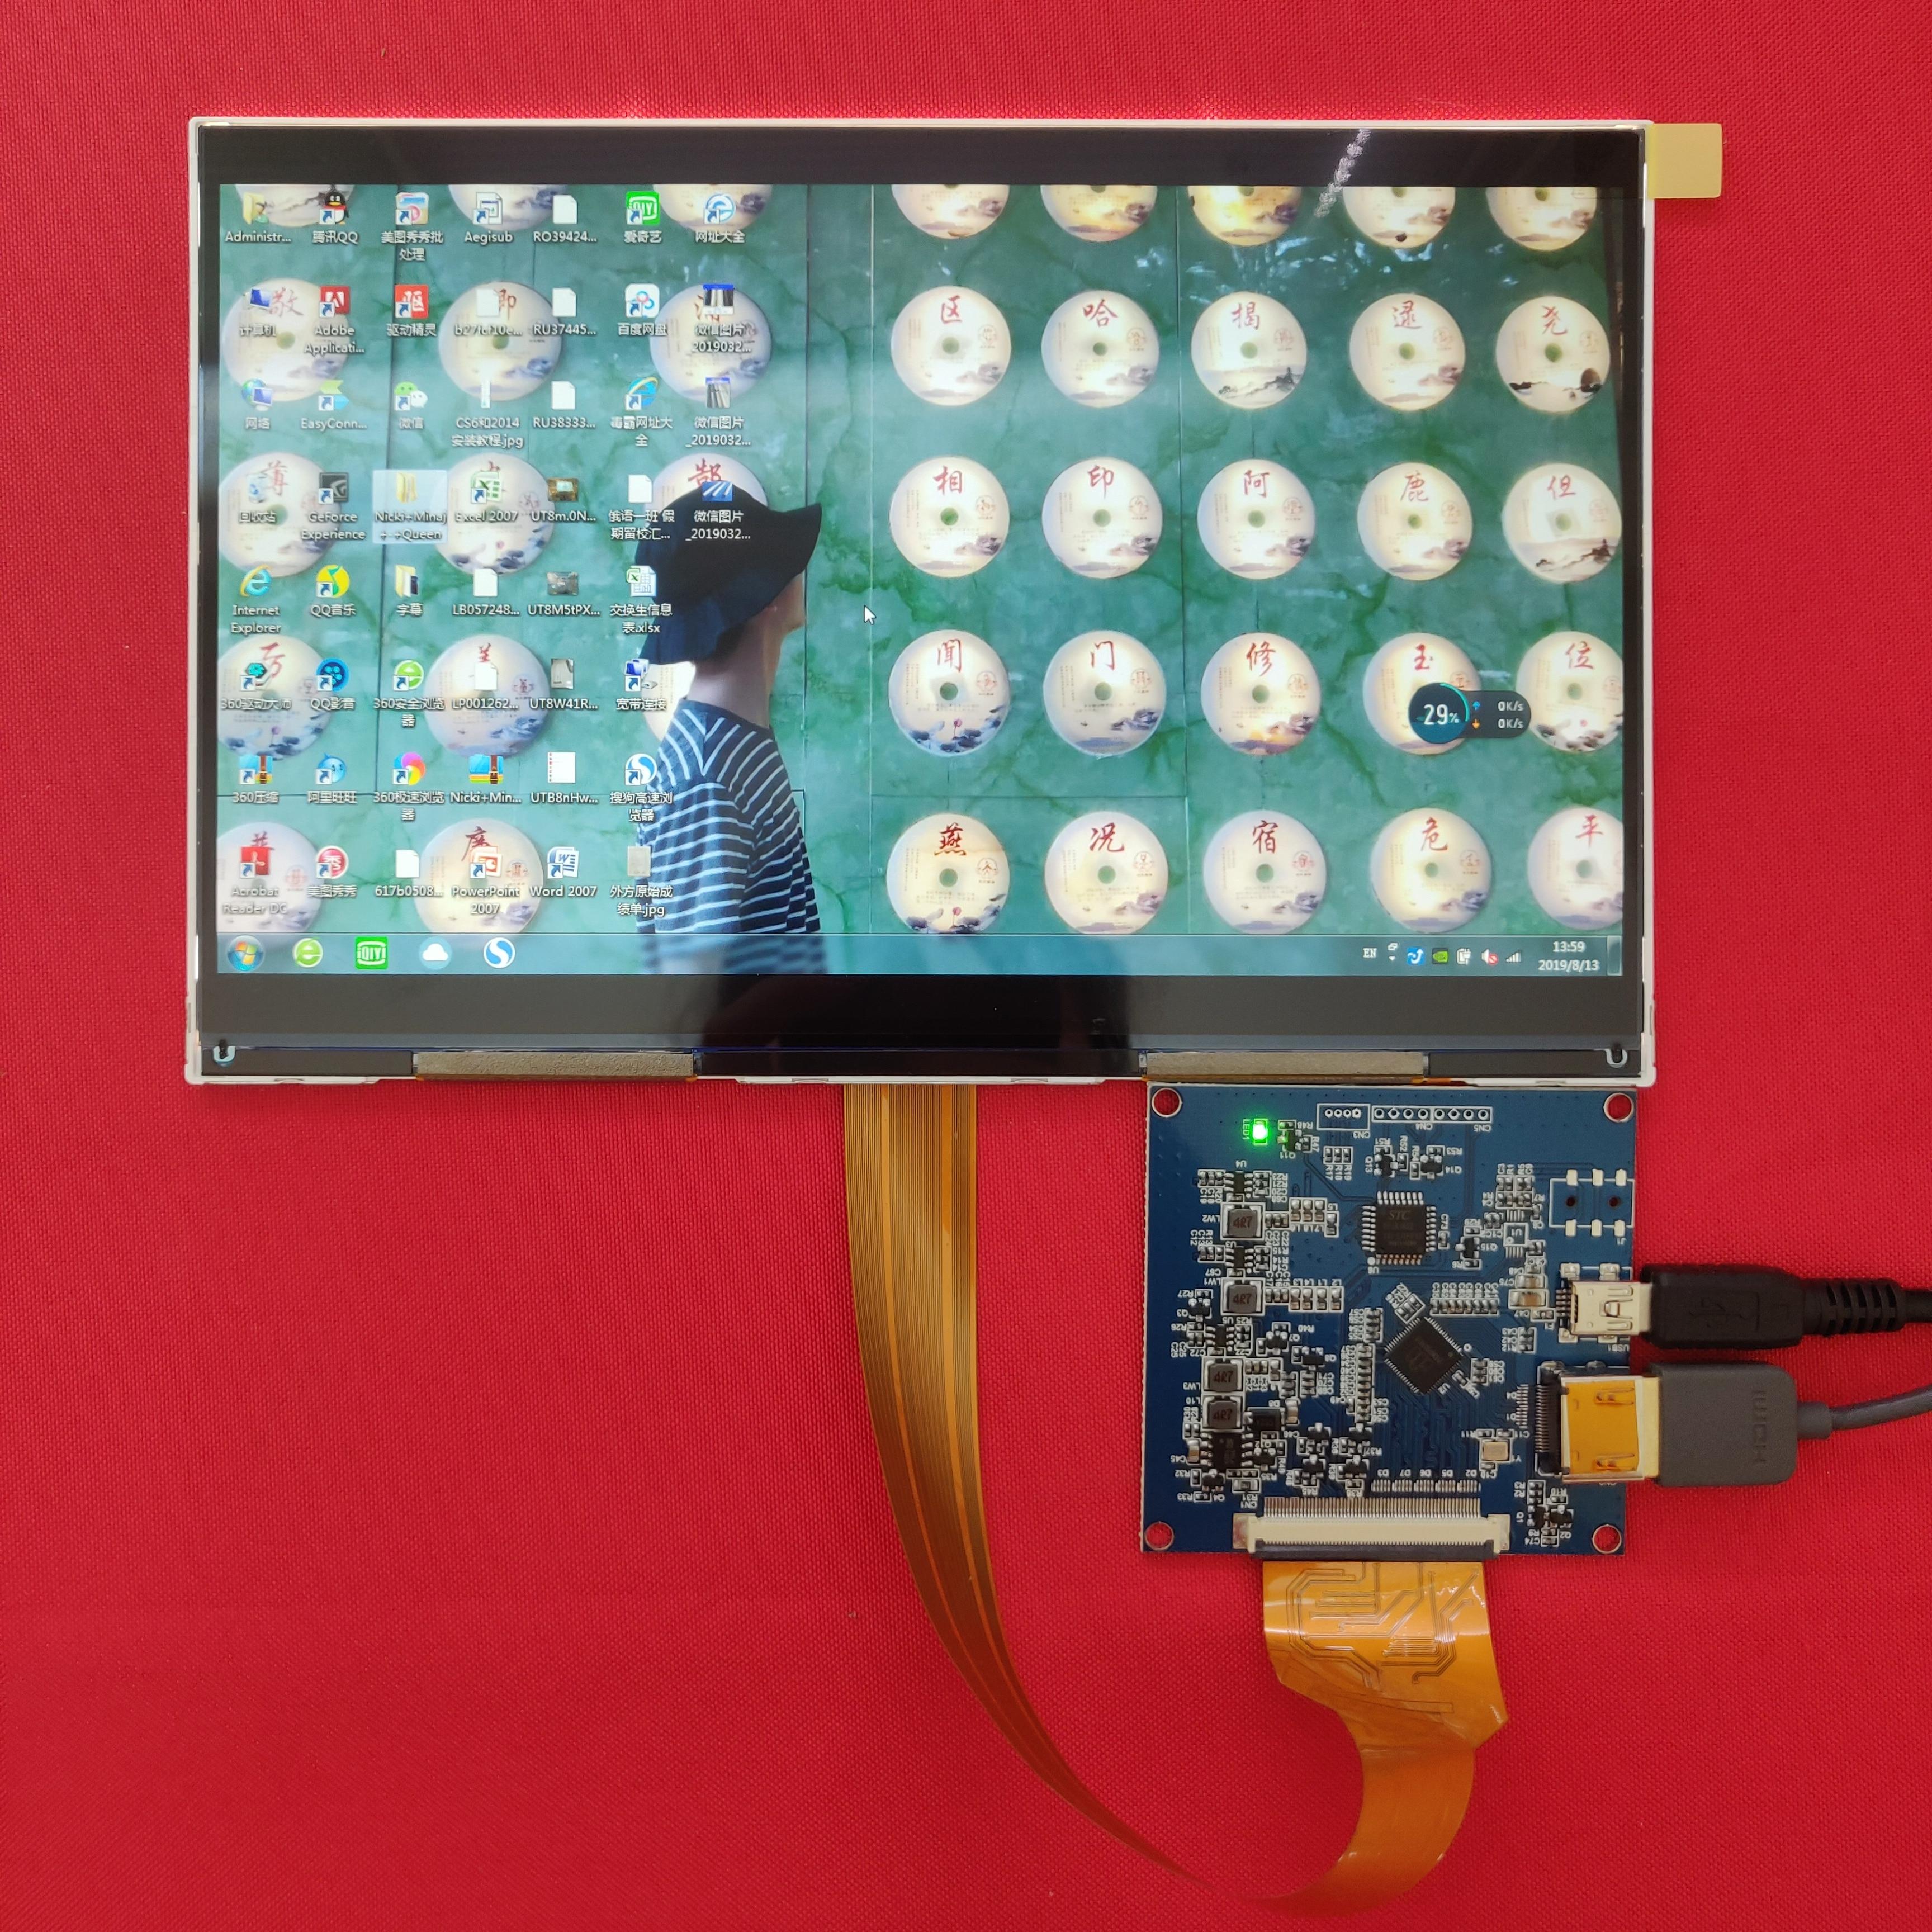 8.9 pouces 2560*1600 2k 1440p IPS lcd moniteur d'affichage avec HDMI-MIPI carte pilote 50hz pour bricolage DLP 3d imprimante Raspberry PI 3 PI 4b